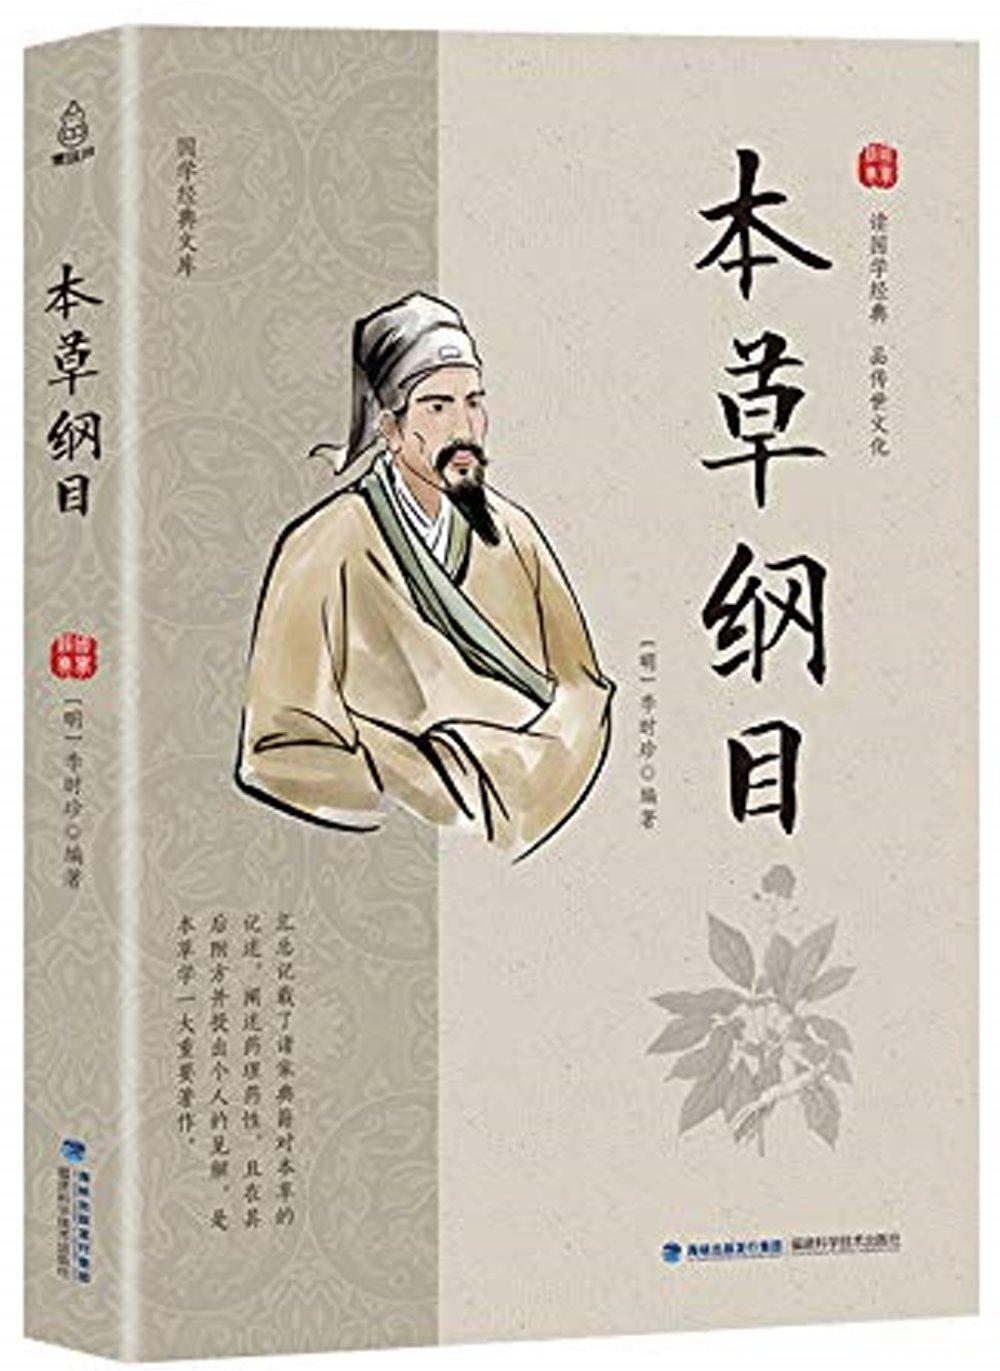 國學經典文庫:本草綱目